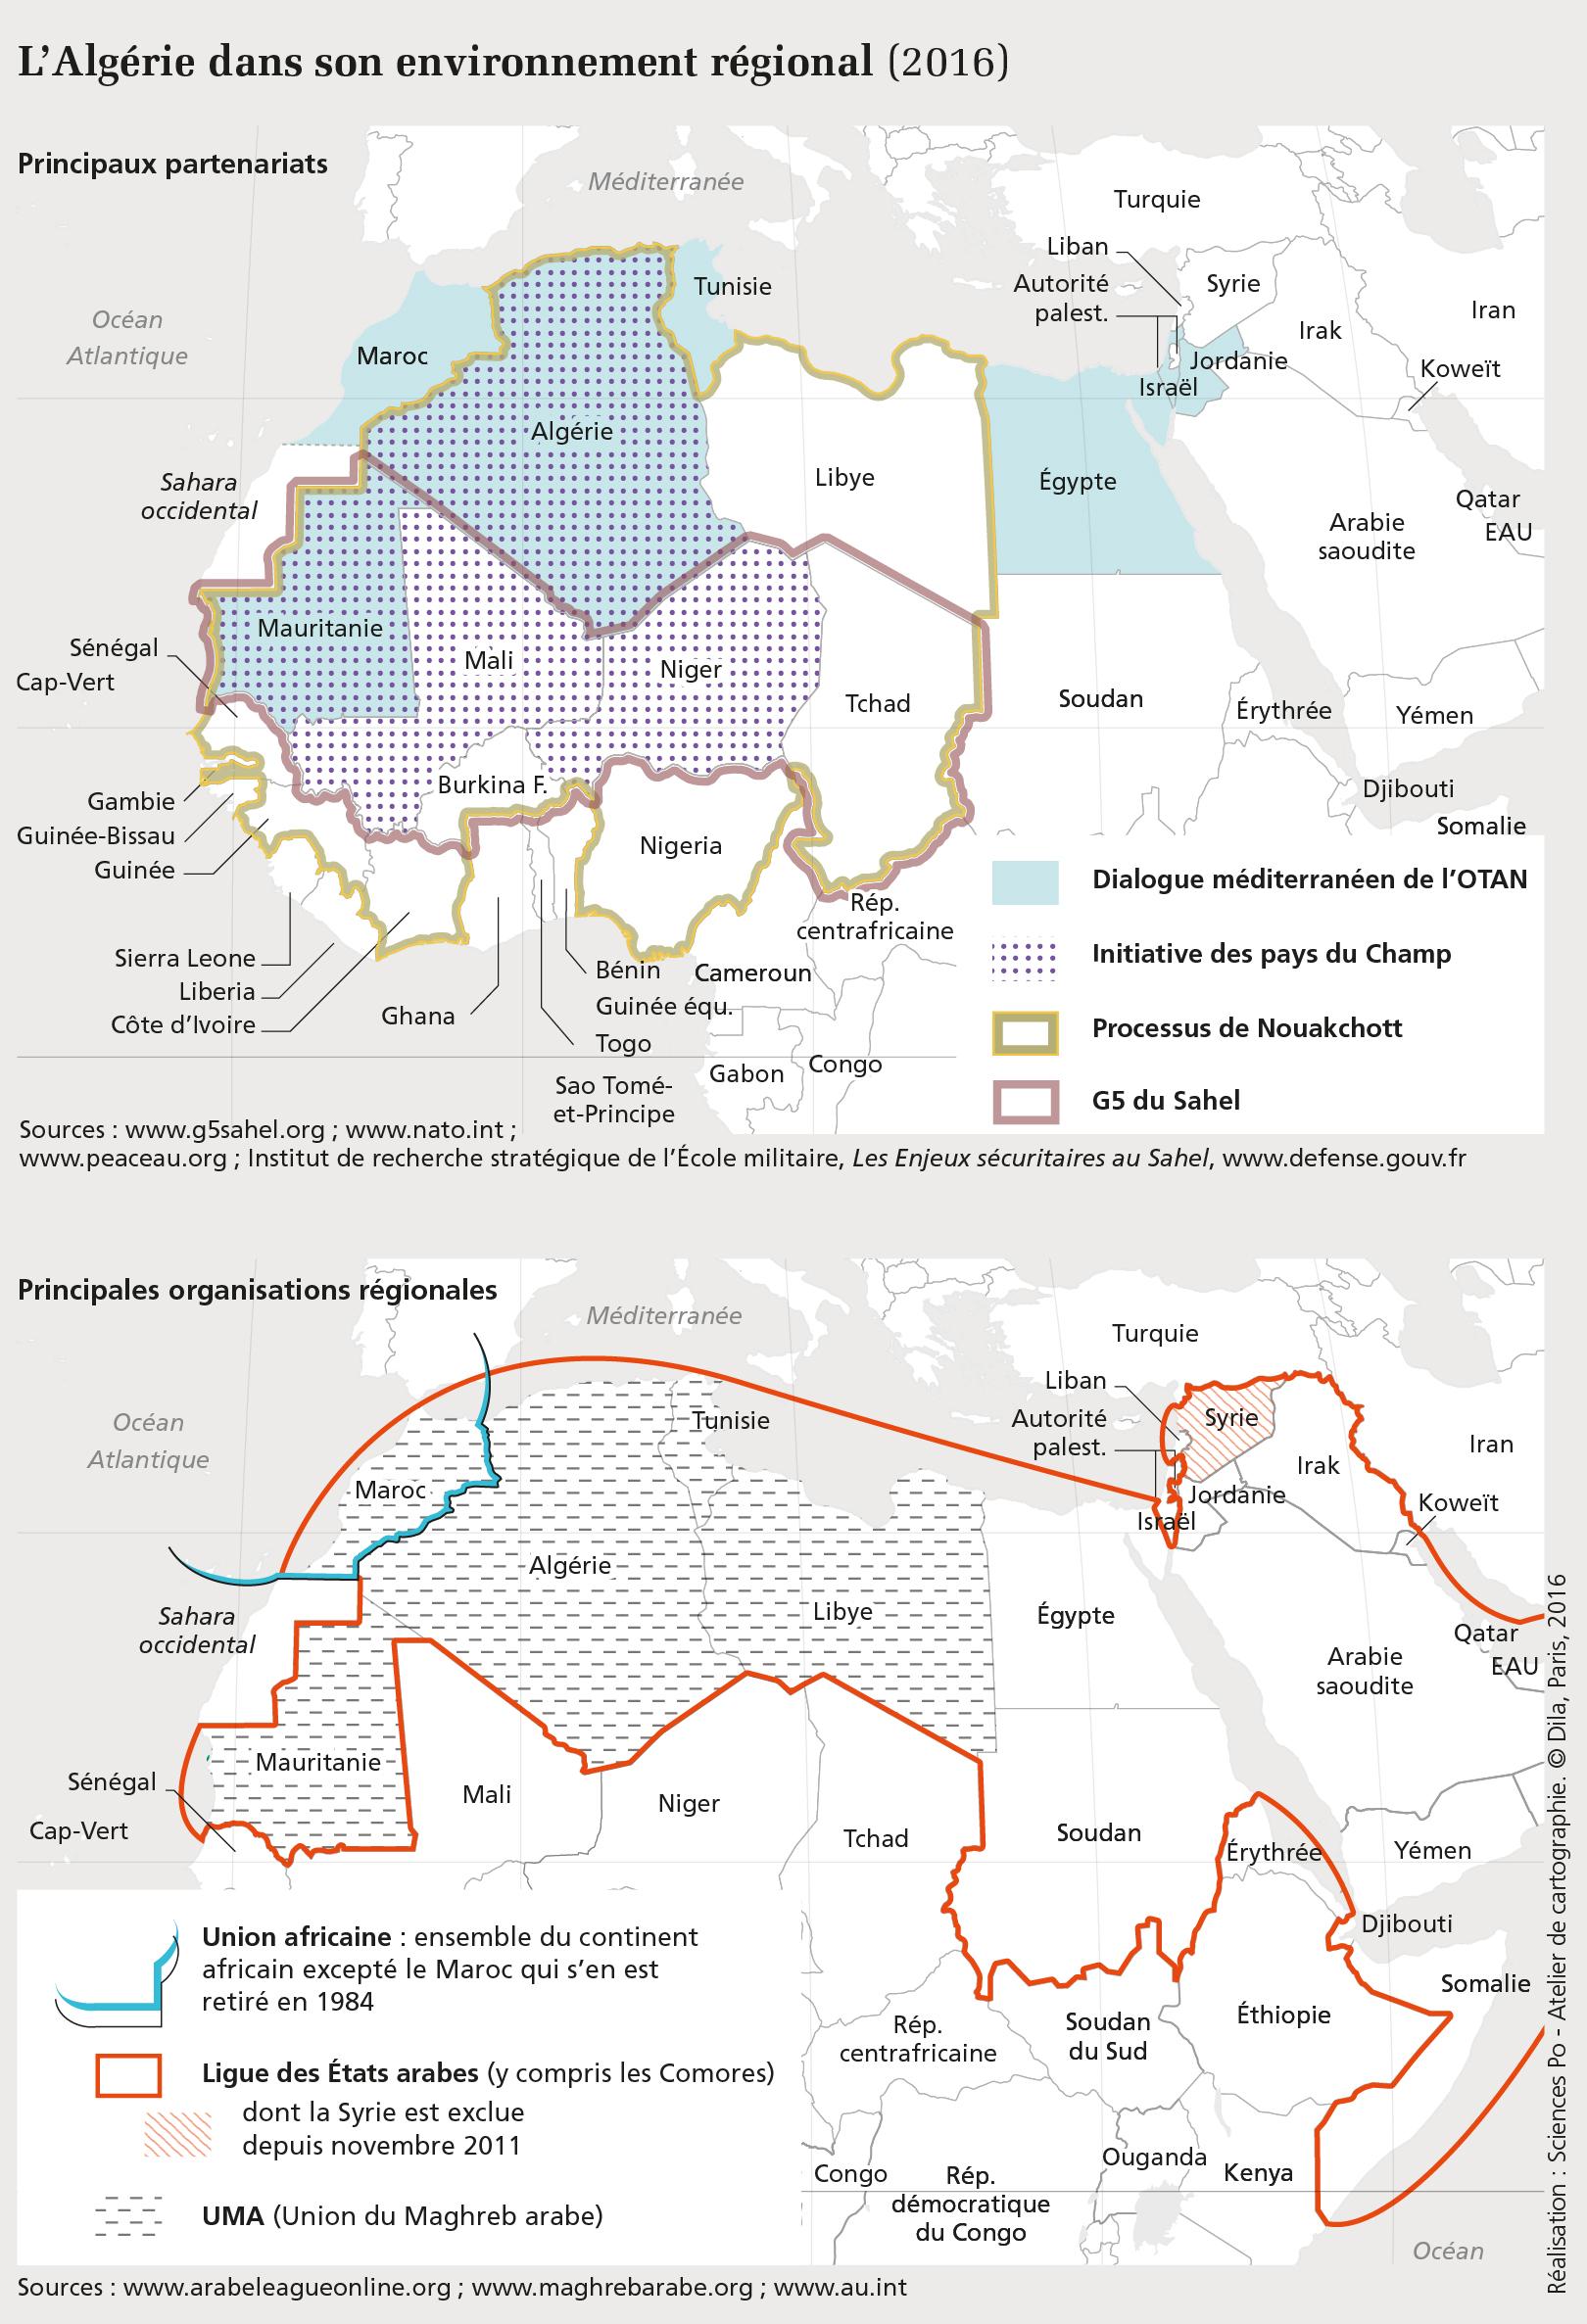 Carte De Lafrique Et Moyen Orient.Afrique M O Diploweb Com Geopolitique Strategie Relations